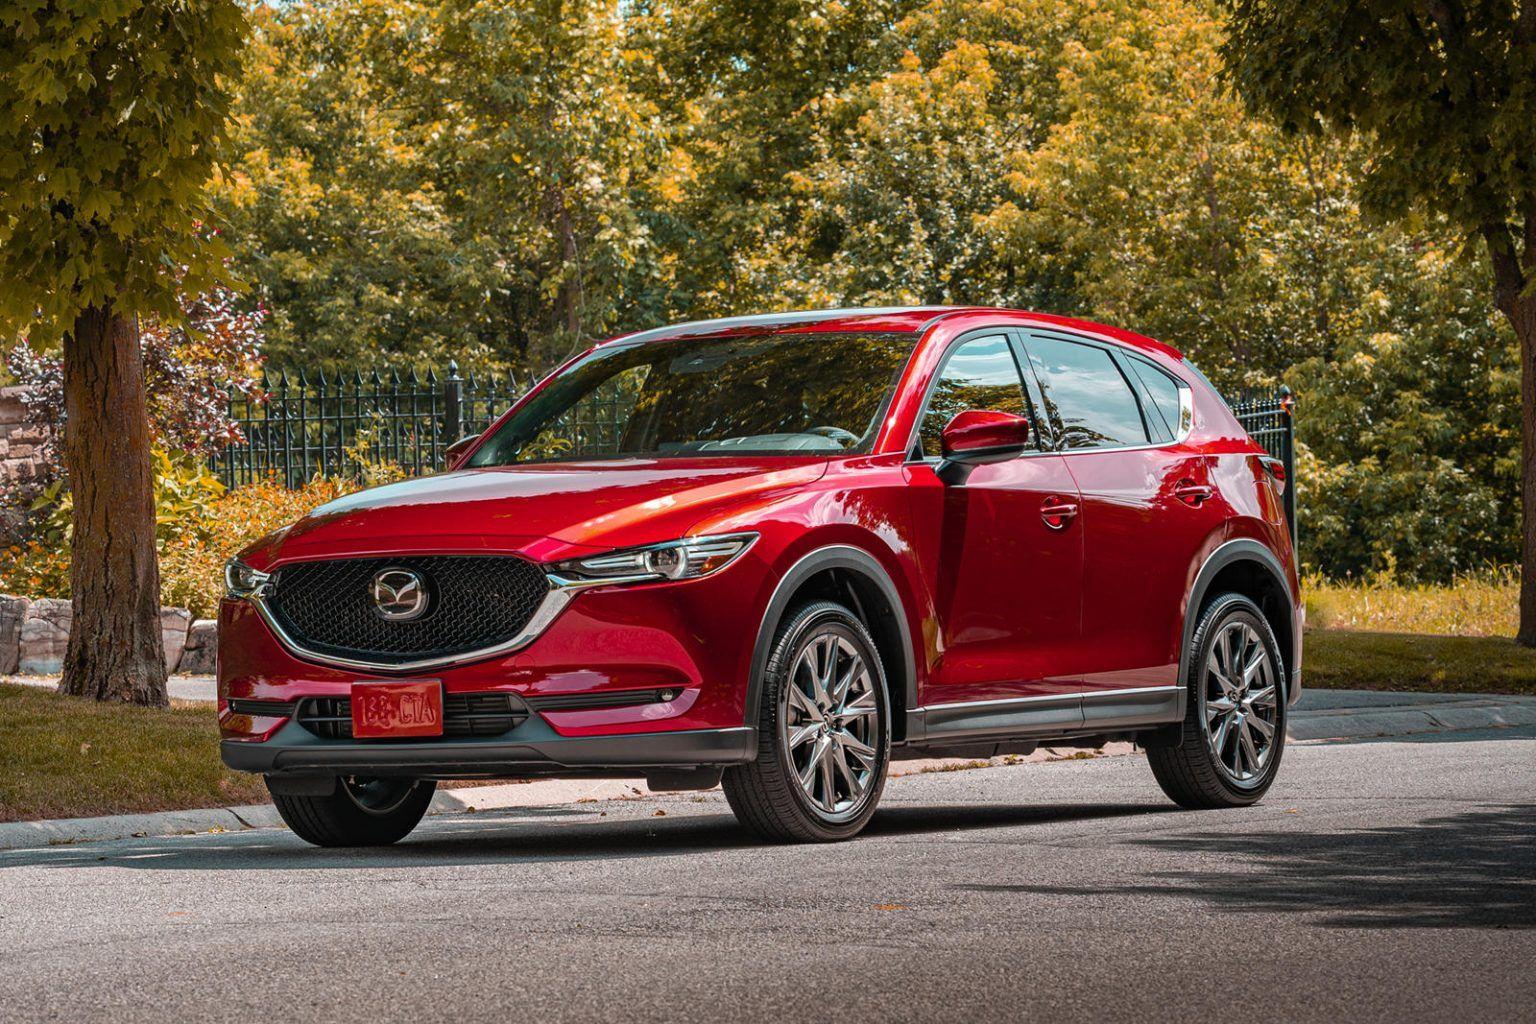 Kelebihan Kekurangan Mazda 5 Harga